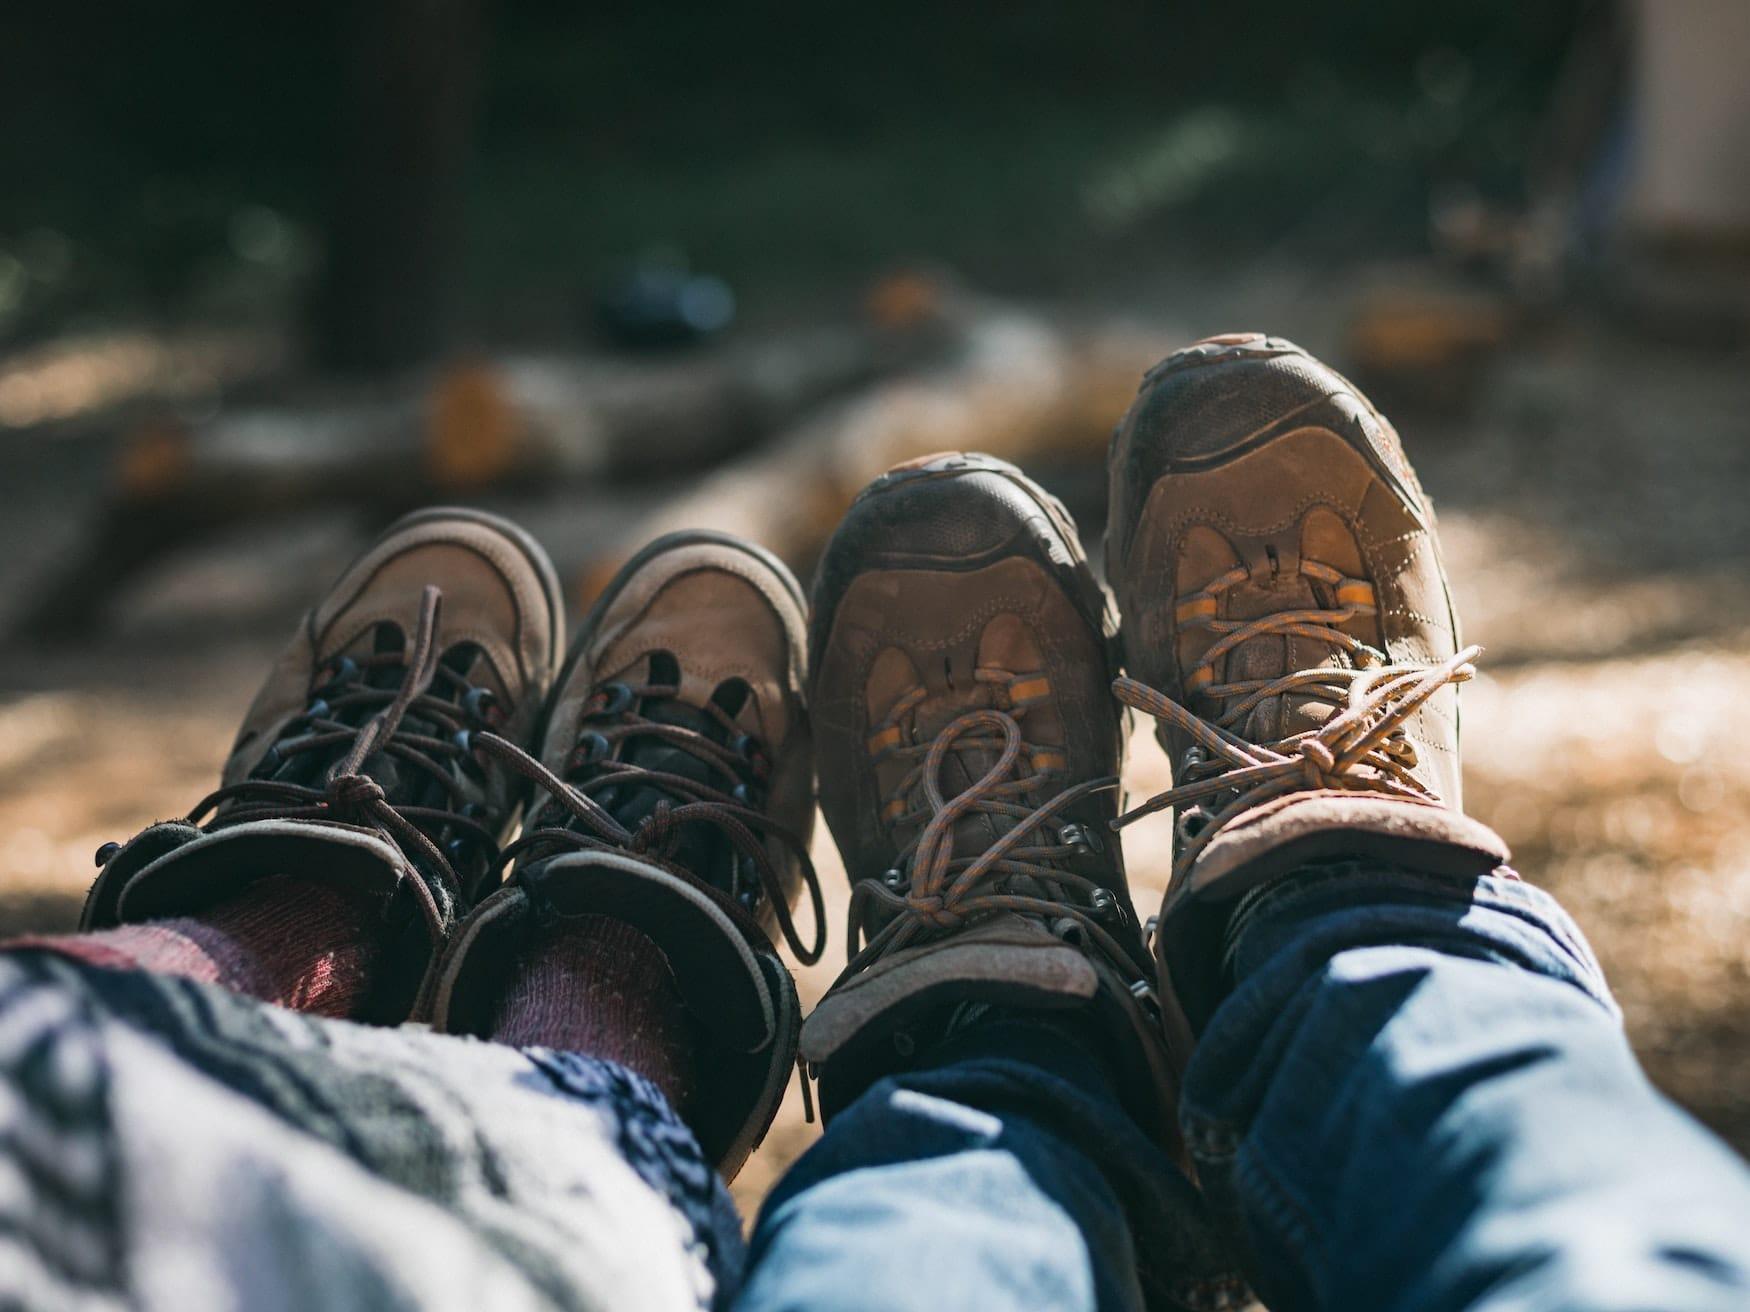 Zwei Wanderer auf dem Märkischen Landweg fotografieren ihre Wanderschuhe